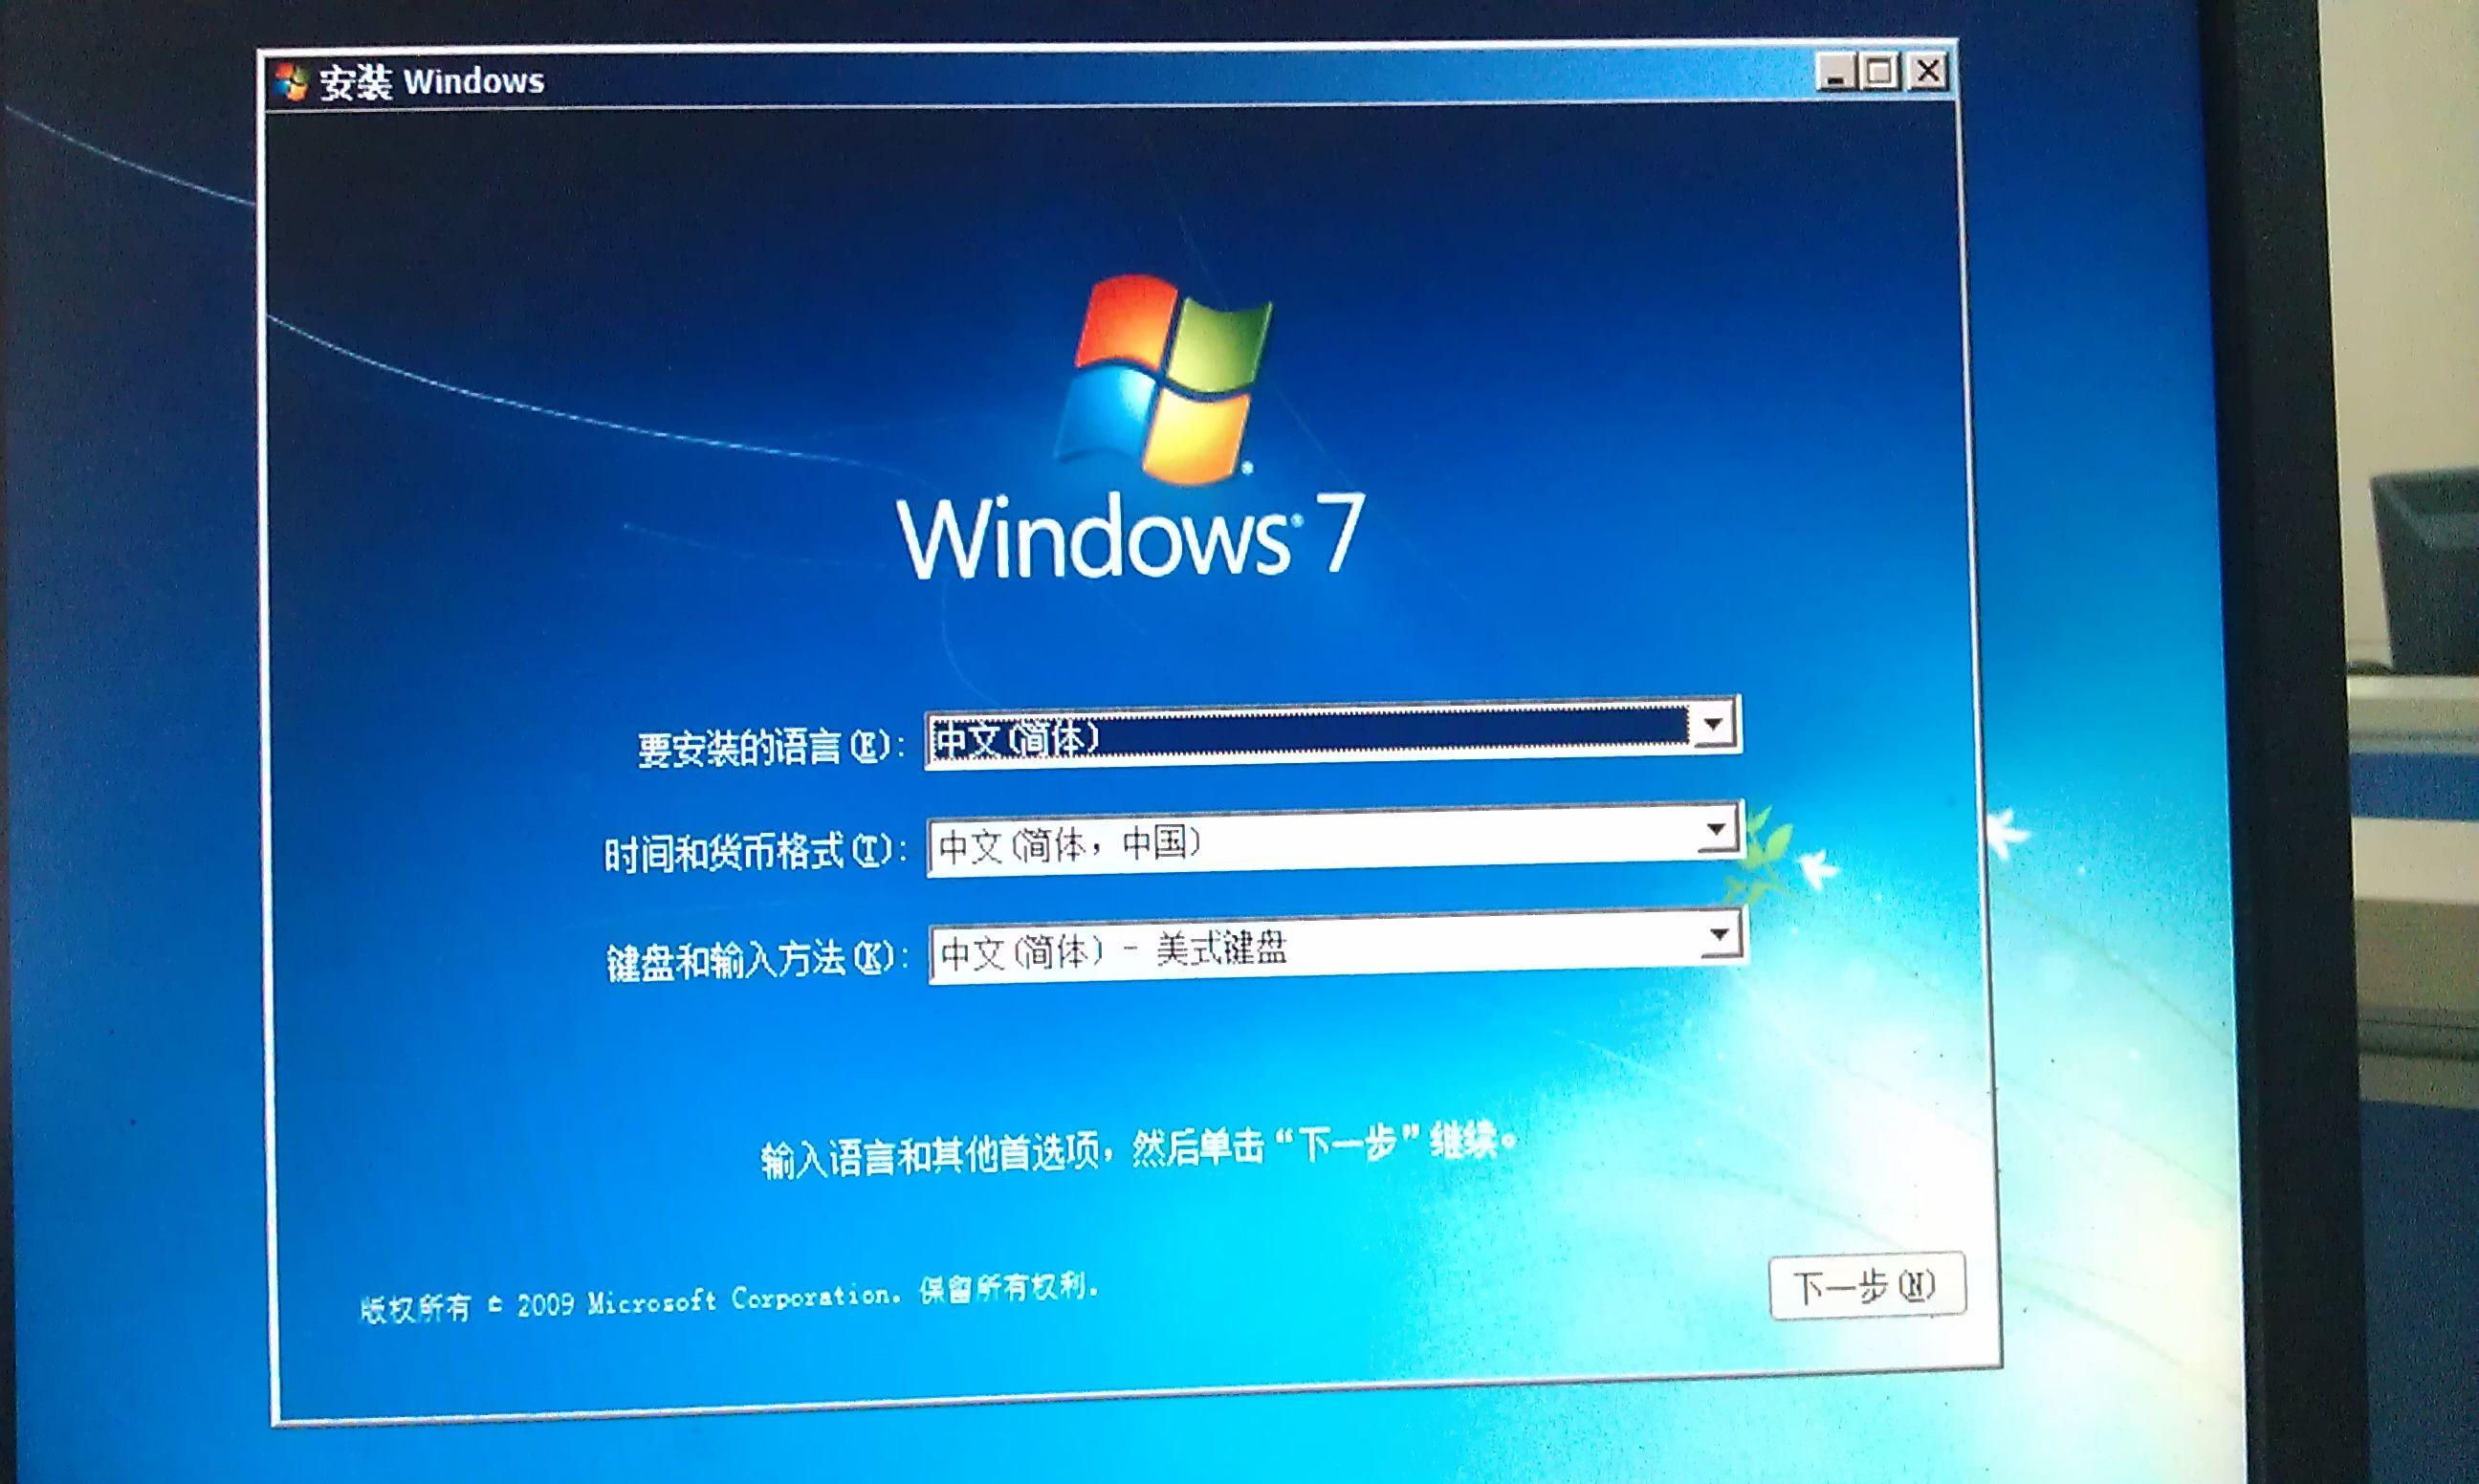 win7系统开久了就卡 鼠标能动 其他点什麽都没反应 求电脑大神帮忙!图片